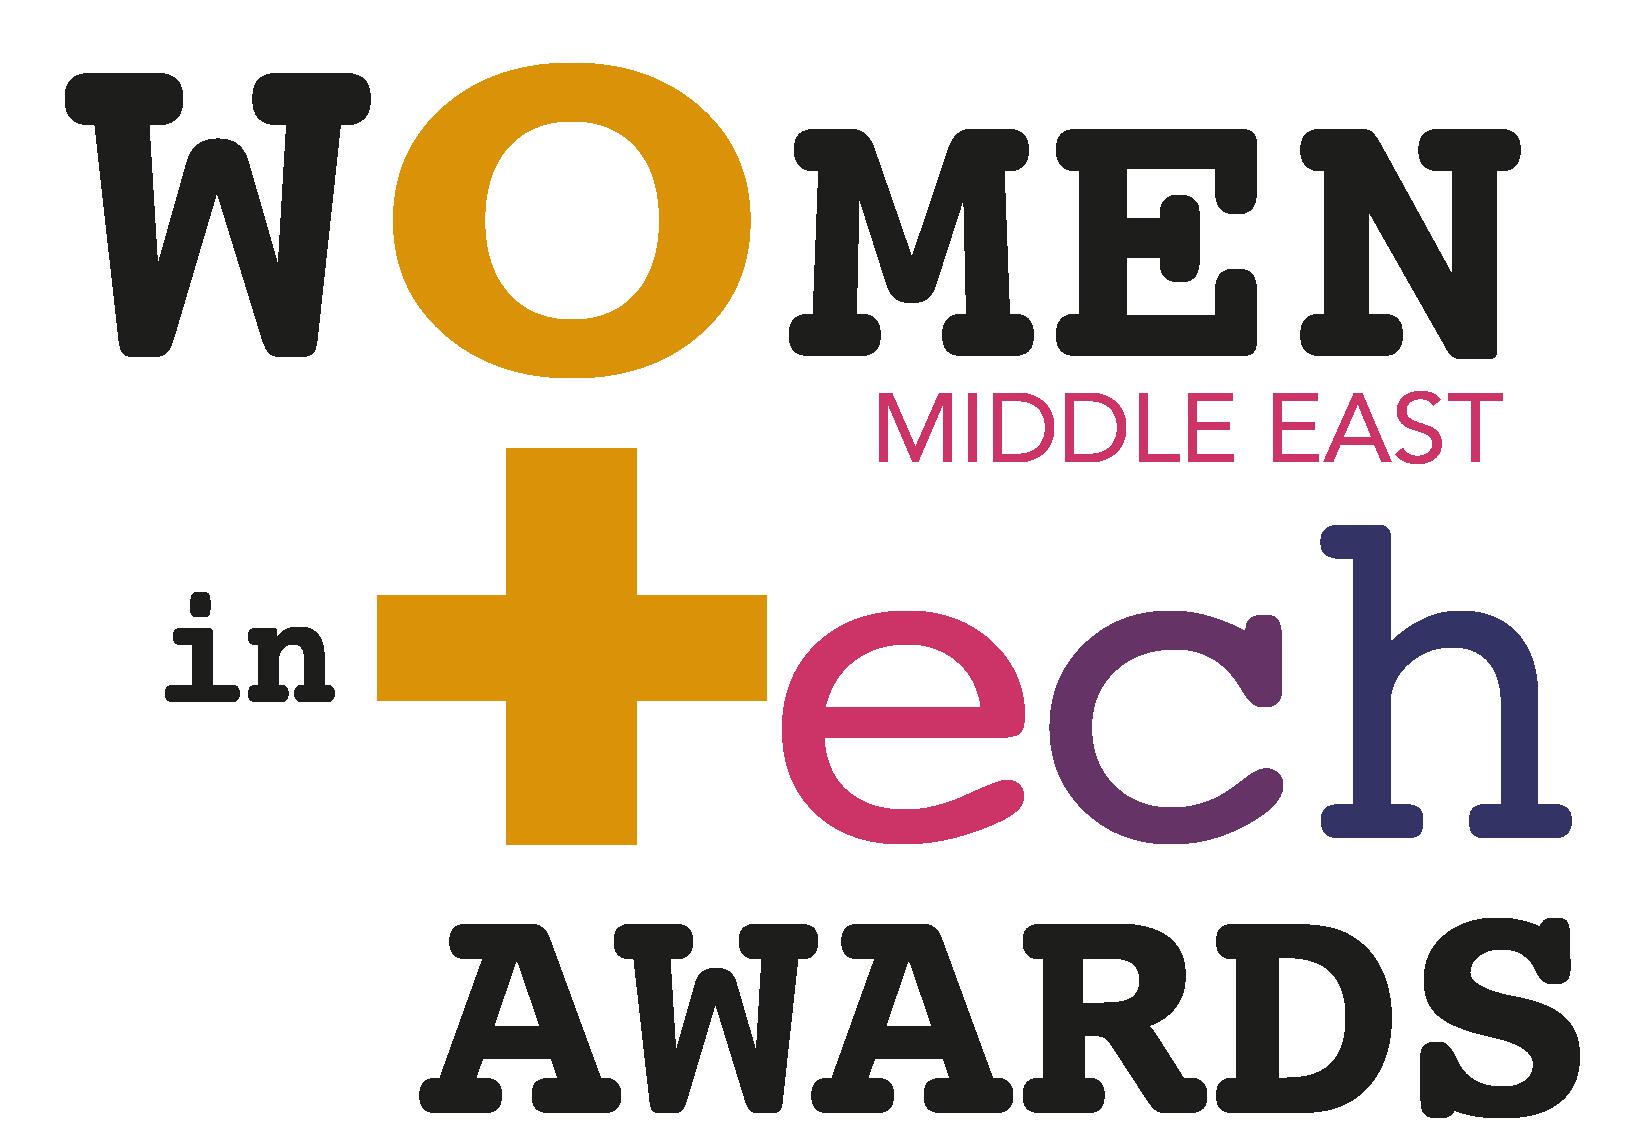 Women in Tech Awards Middle East